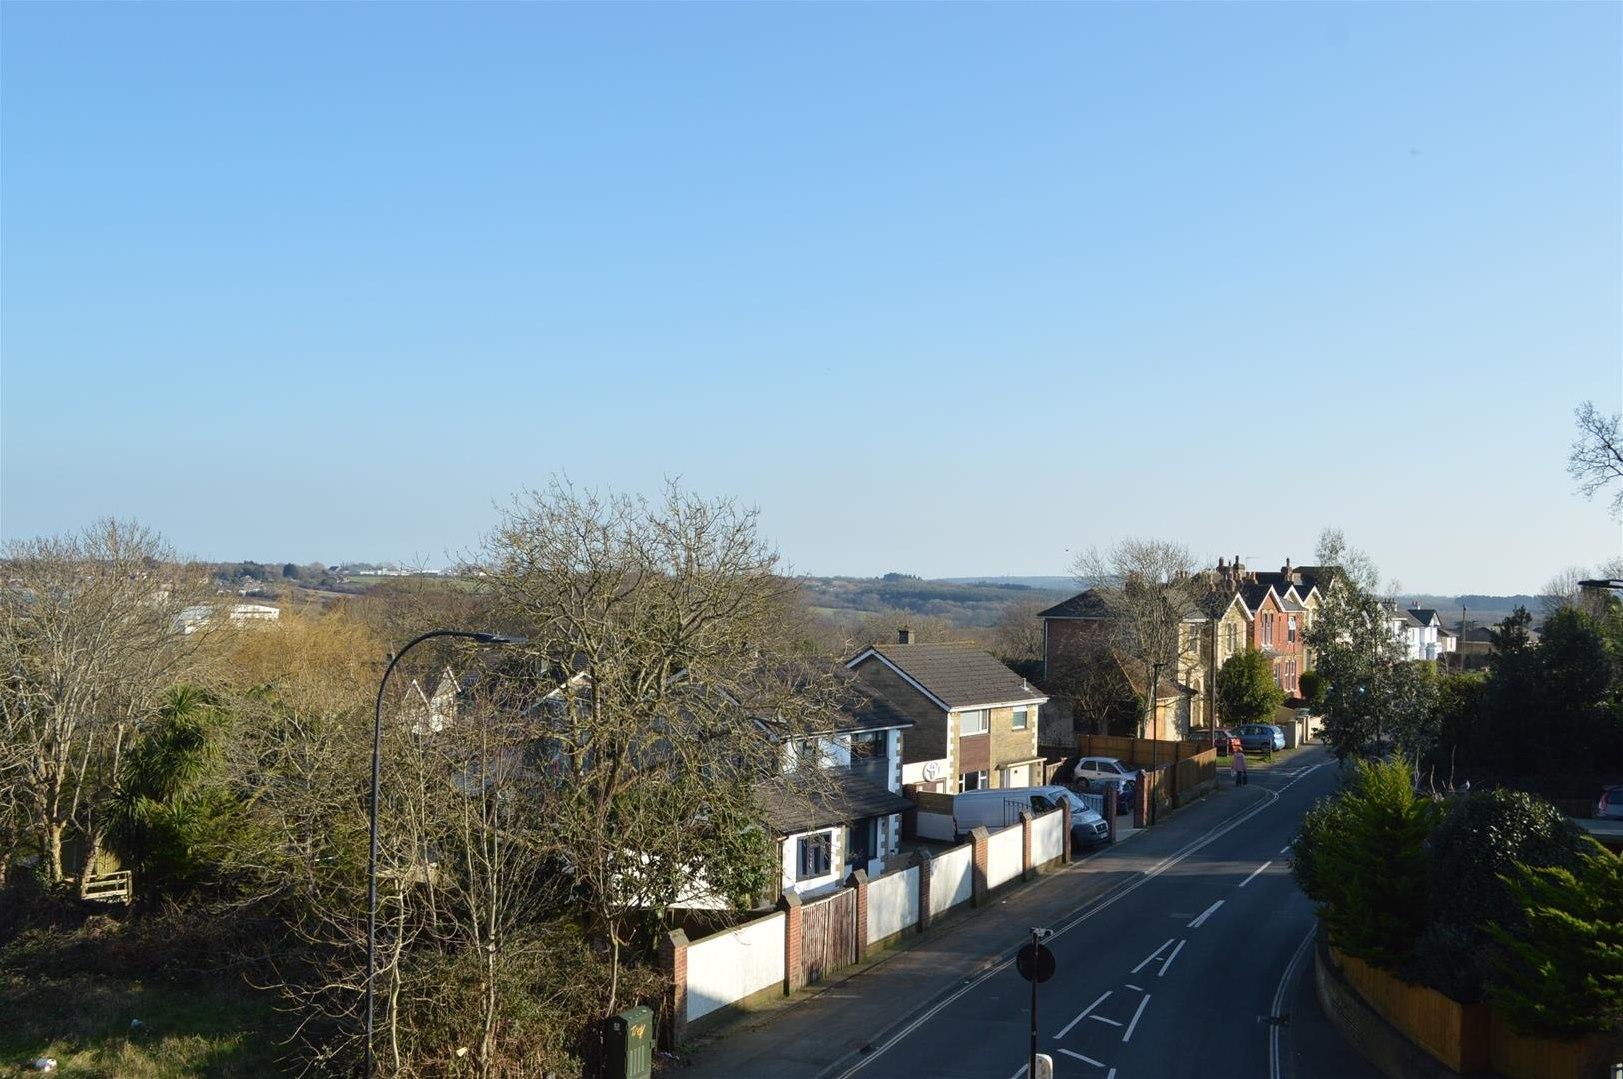 Swanmore Road